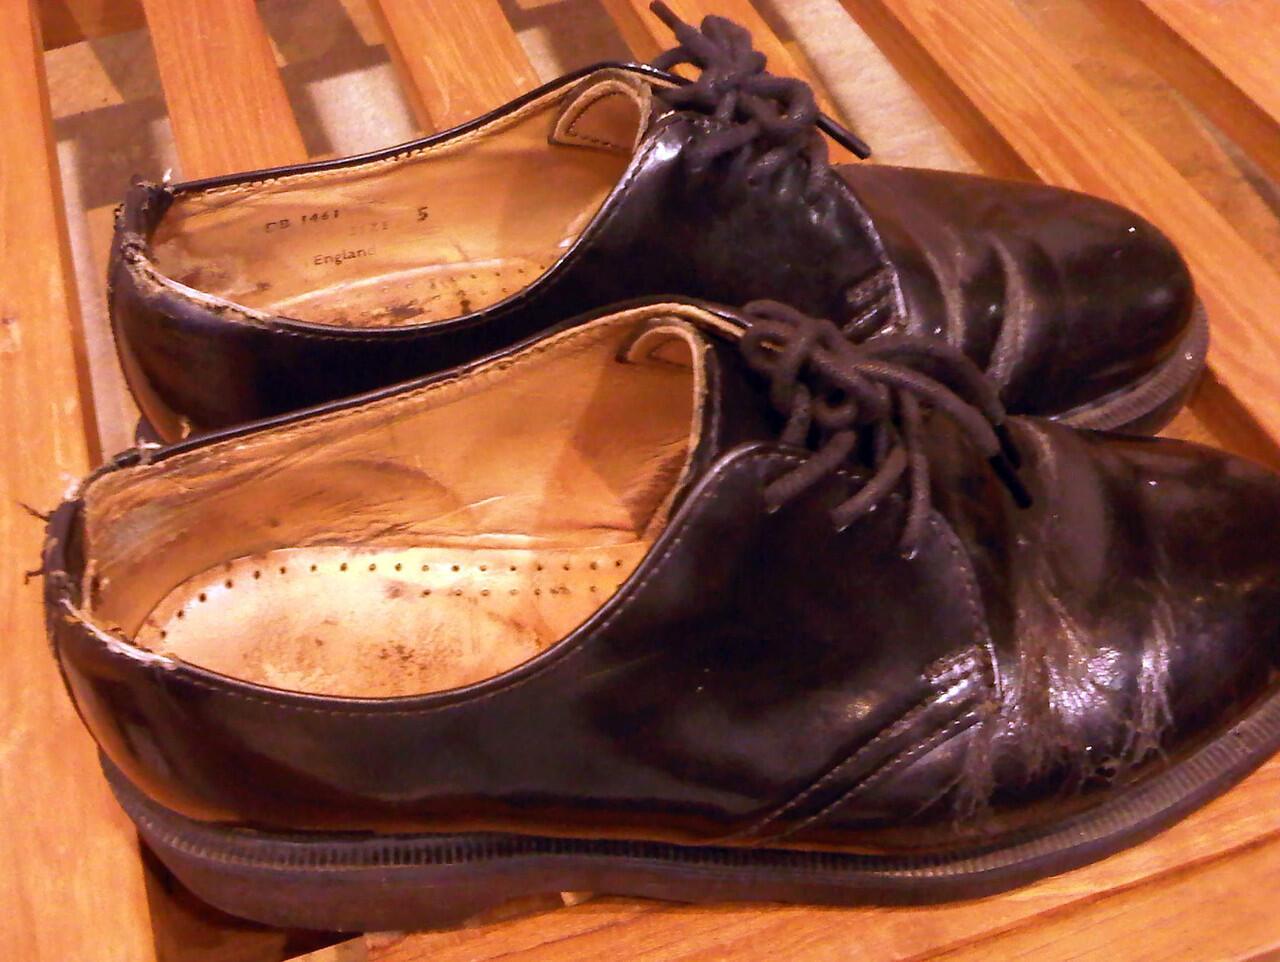 Dr. Martens / Doc Mart / Doc Martens / 3 Hole Black Size 5 UK Made in England